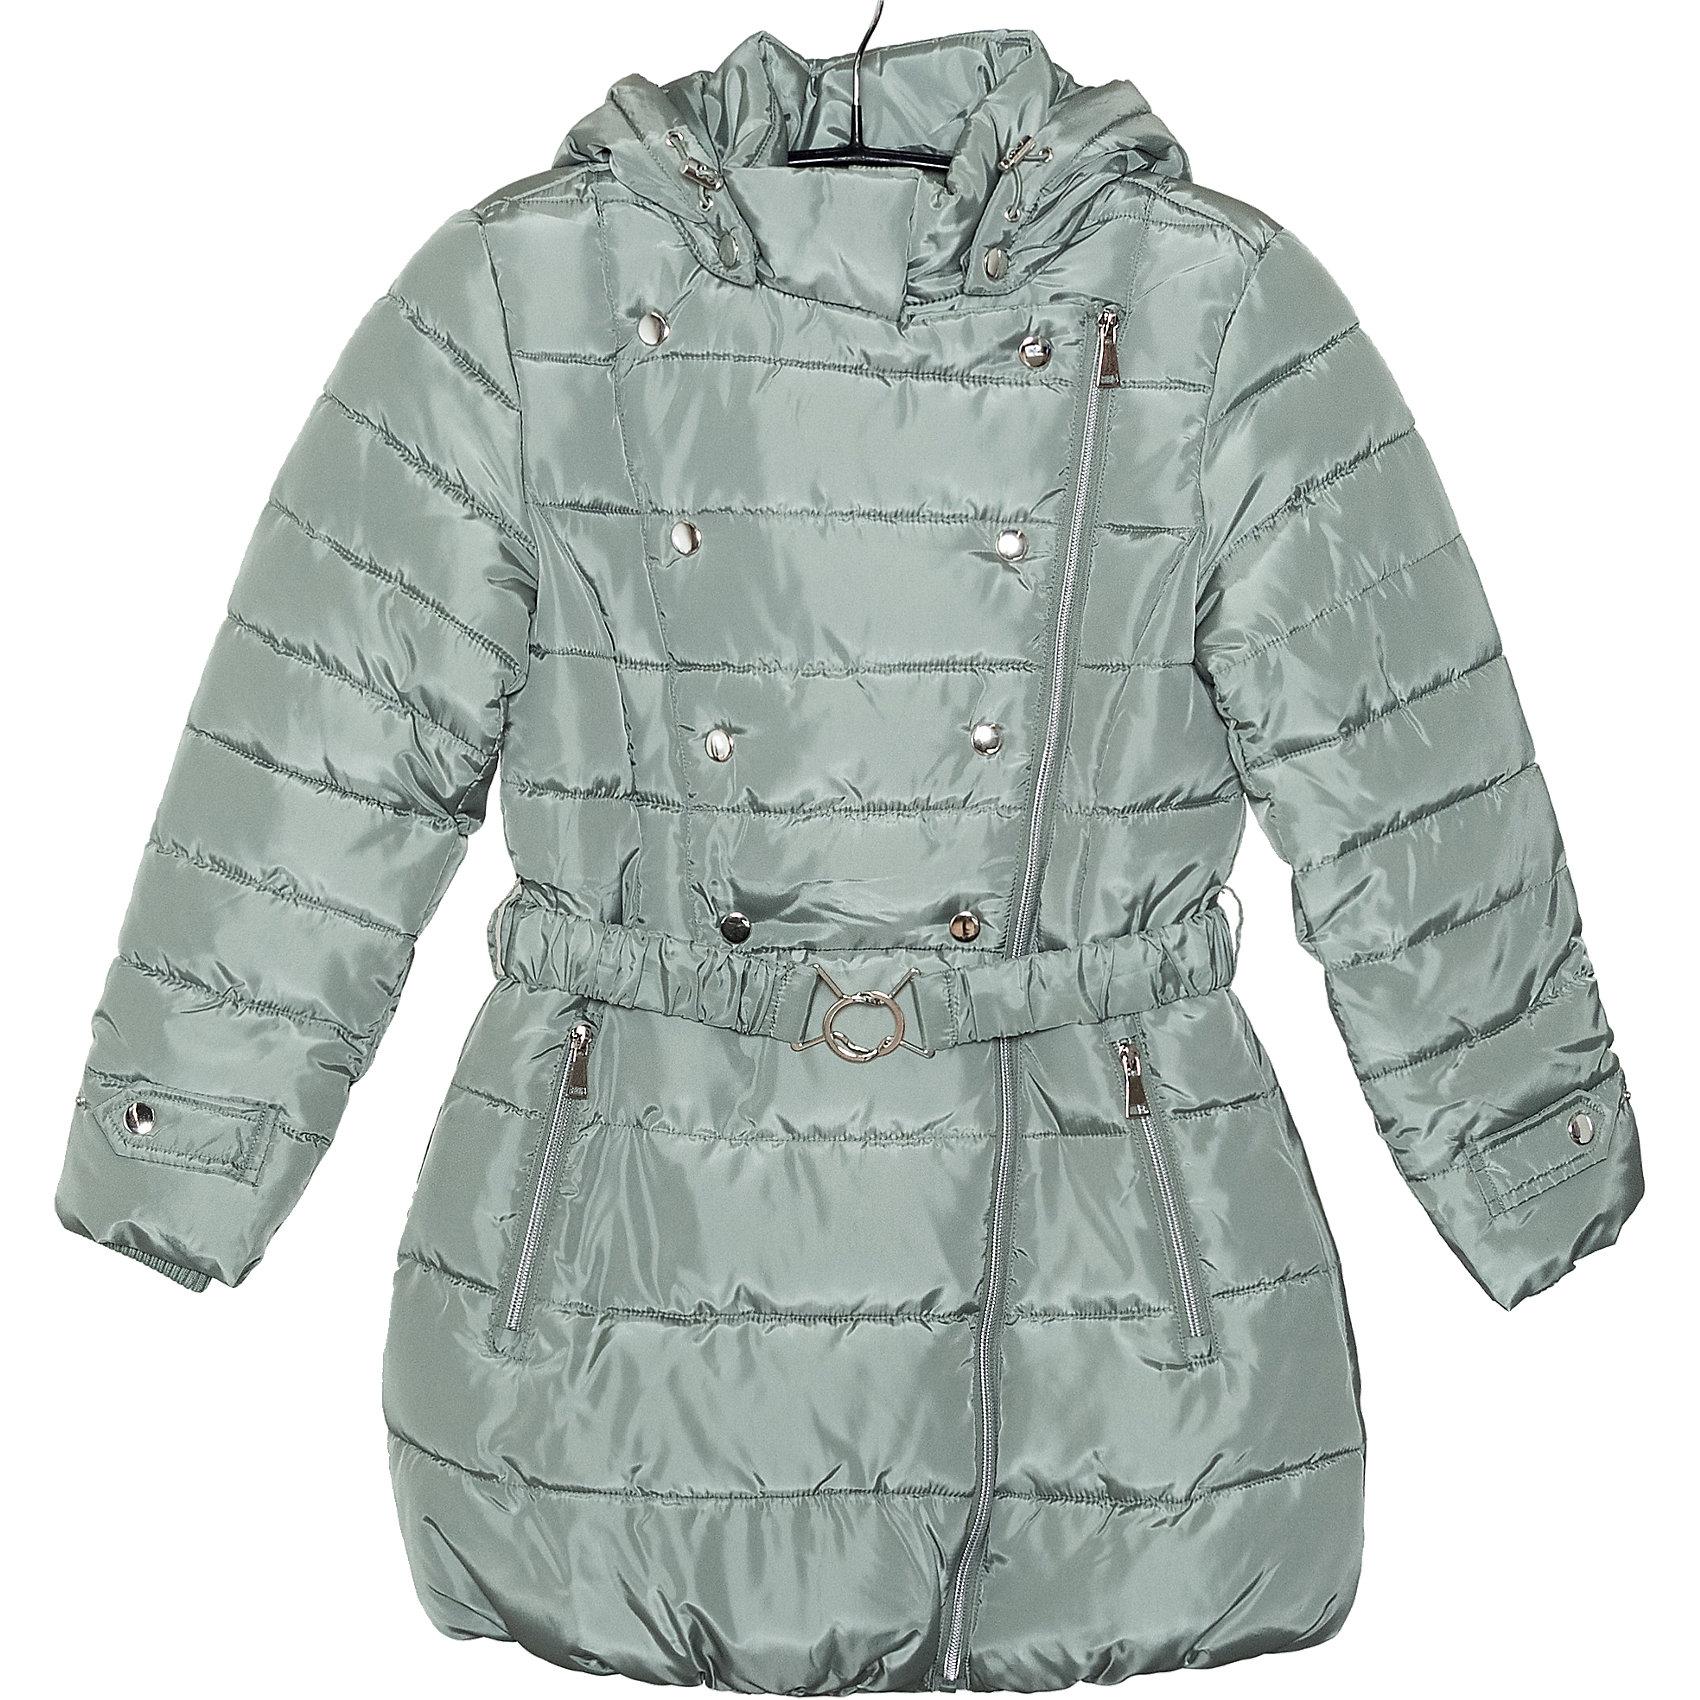 Пальто для девочки SELAВерхняя одежда<br>Детская одежда от SELA - это качественные модные вещи по привлекательным ценам. Данная модель относится к коллекции нового сезона, она учитывает последние тренды в моде, поэтому смотрится стильно, с ней можно создать множество ансамблей.<br>Пальто утеплено, оно отлично подходит для межсезонья. Длина до колена и пояс на талии обеспечат ребенку тепло и удобство. Капюшон отстегивается. Изделие сшито из тщательно подобранных материалов, абсолютно безопасных для ребенка.<br><br><br>Дополнительная информация:<br><br>цвет: зеленый;<br>состав: 100% ПЭ;<br>температурный режим: от - 5°С до + 10°С;<br>застежка: молния, кнопки;<br>длина: до колена;<br>карманы на молнии;<br>капюшон отстегивается.<br><br>Пальто для девочки от компании SELA можно купить в нашем магазине.<br><br>Ширина мм: 356<br>Глубина мм: 10<br>Высота мм: 245<br>Вес г: 519<br>Цвет: зеленый<br>Возраст от месяцев: 108<br>Возраст до месяцев: 120<br>Пол: Женский<br>Возраст: Детский<br>Размер: 140,116,128,152<br>SKU: 4912926